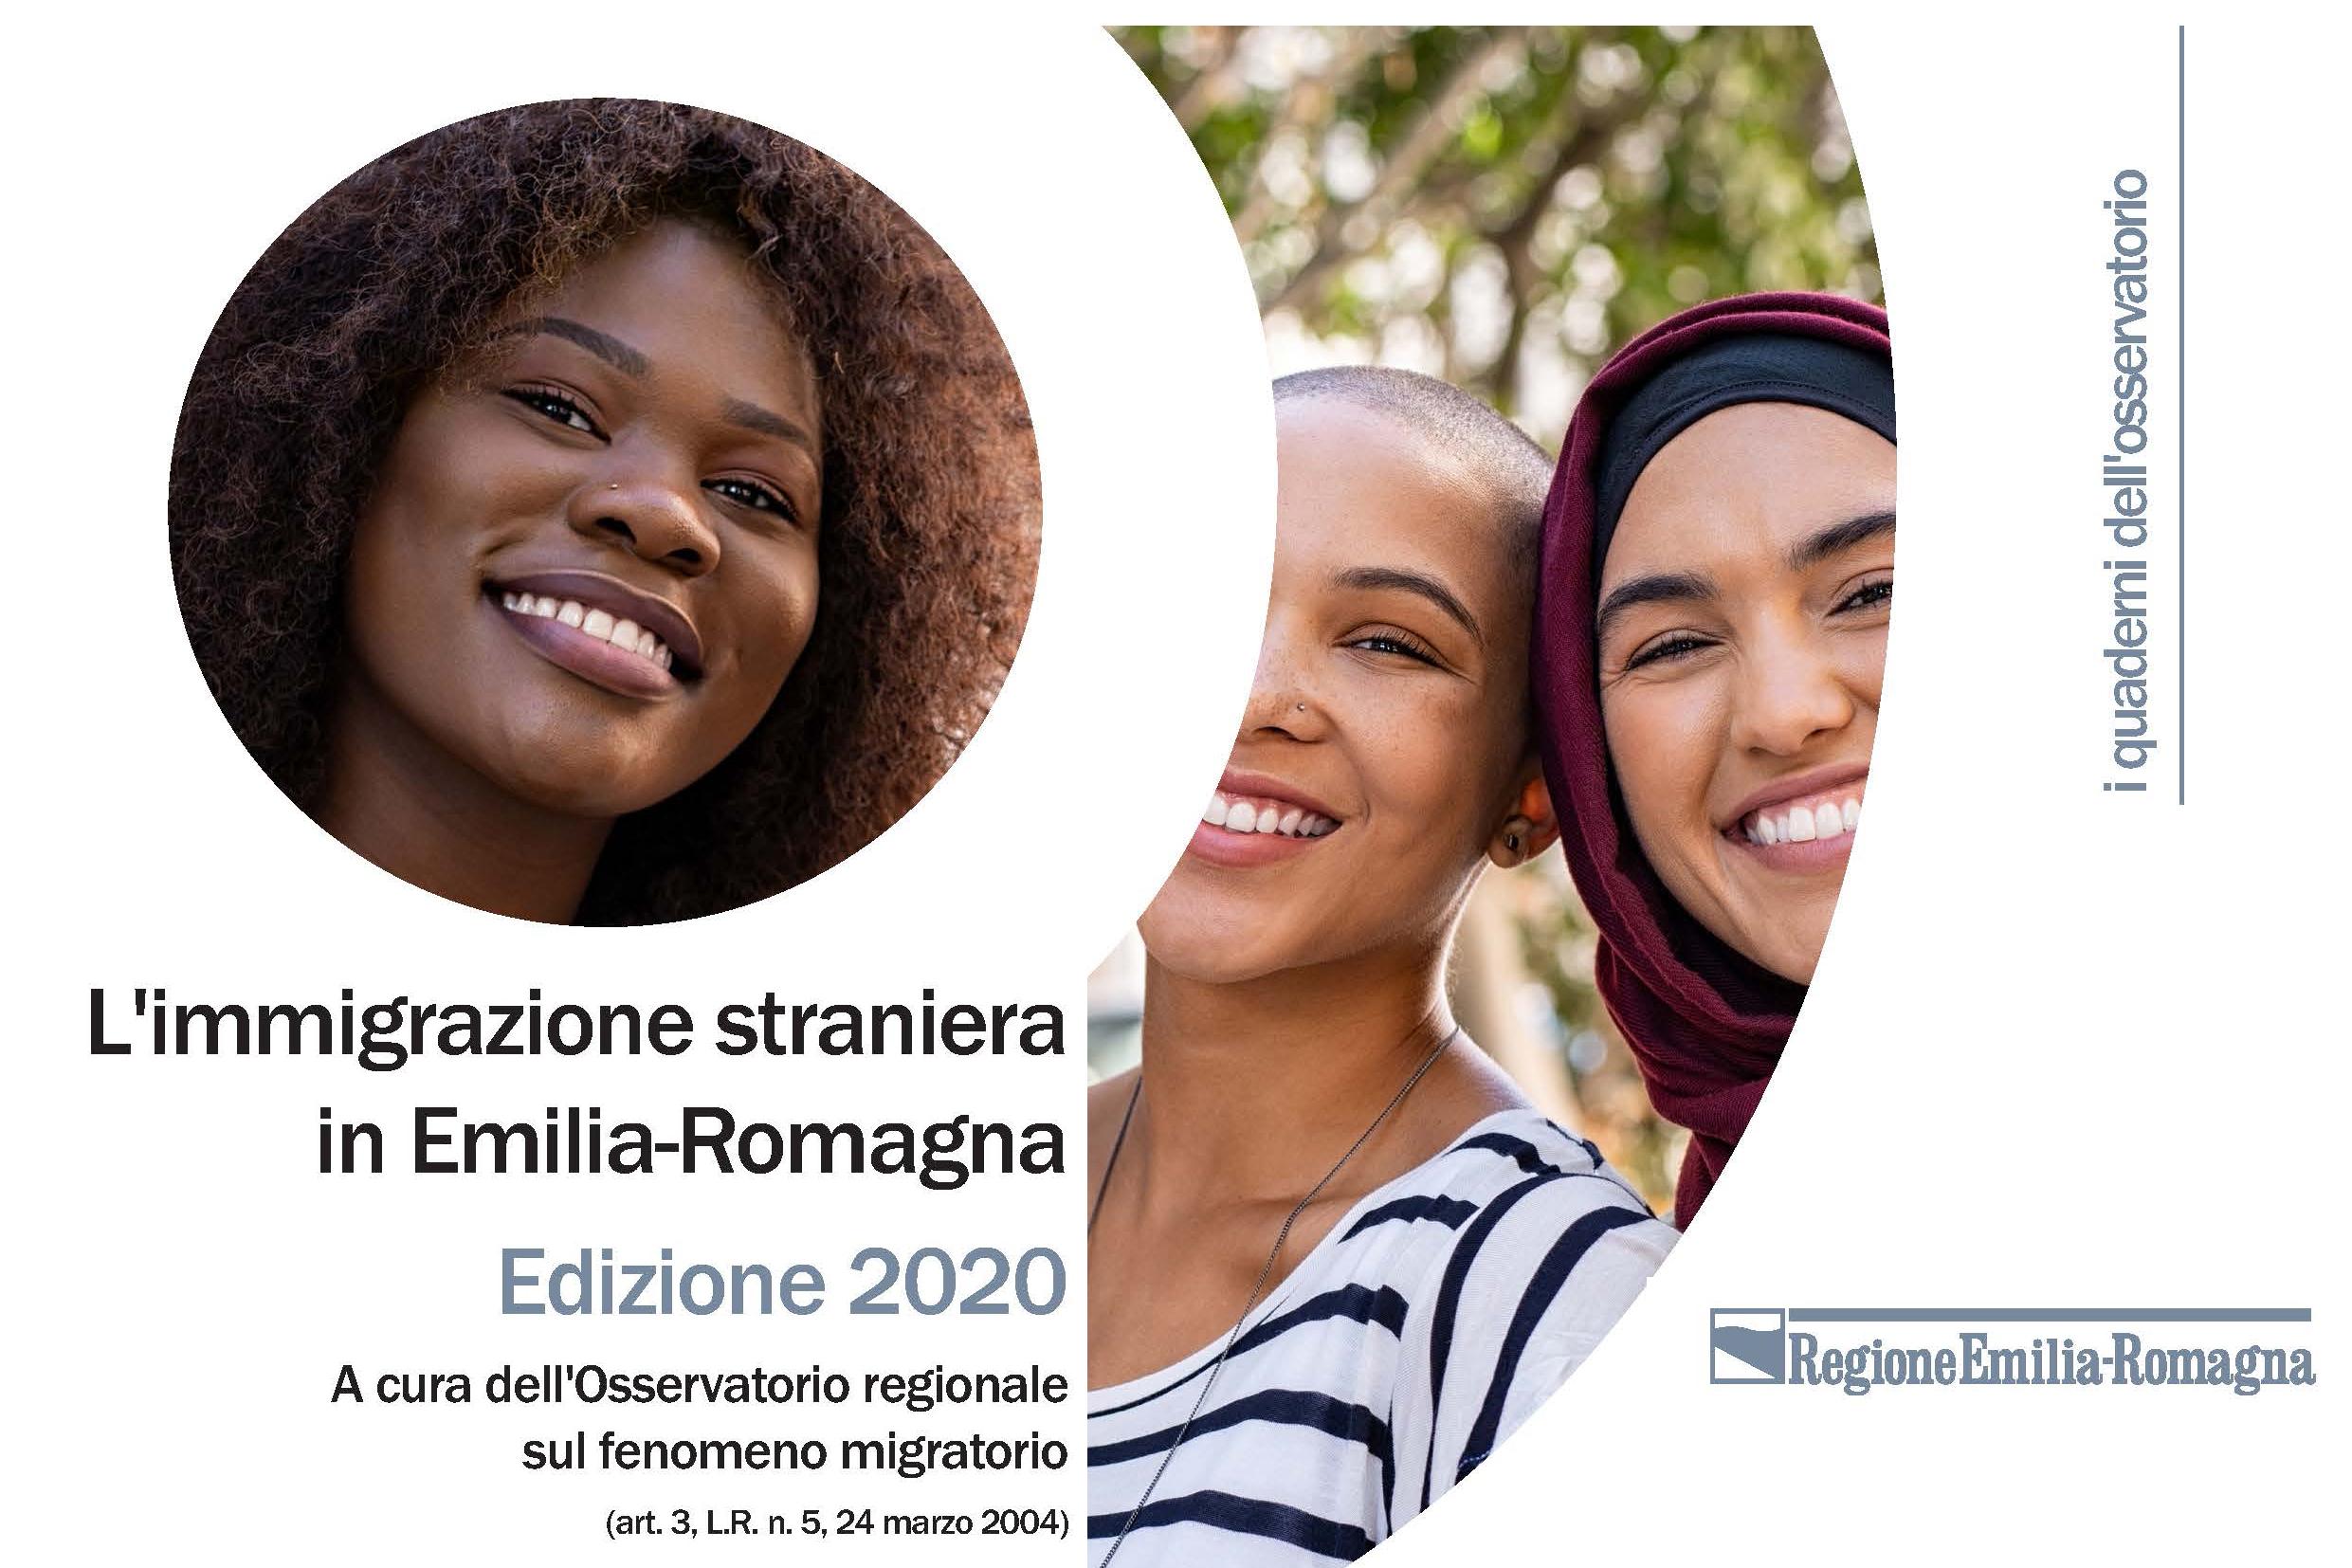 L'immigrazione straniera in Emilia-Romagna — Sociale